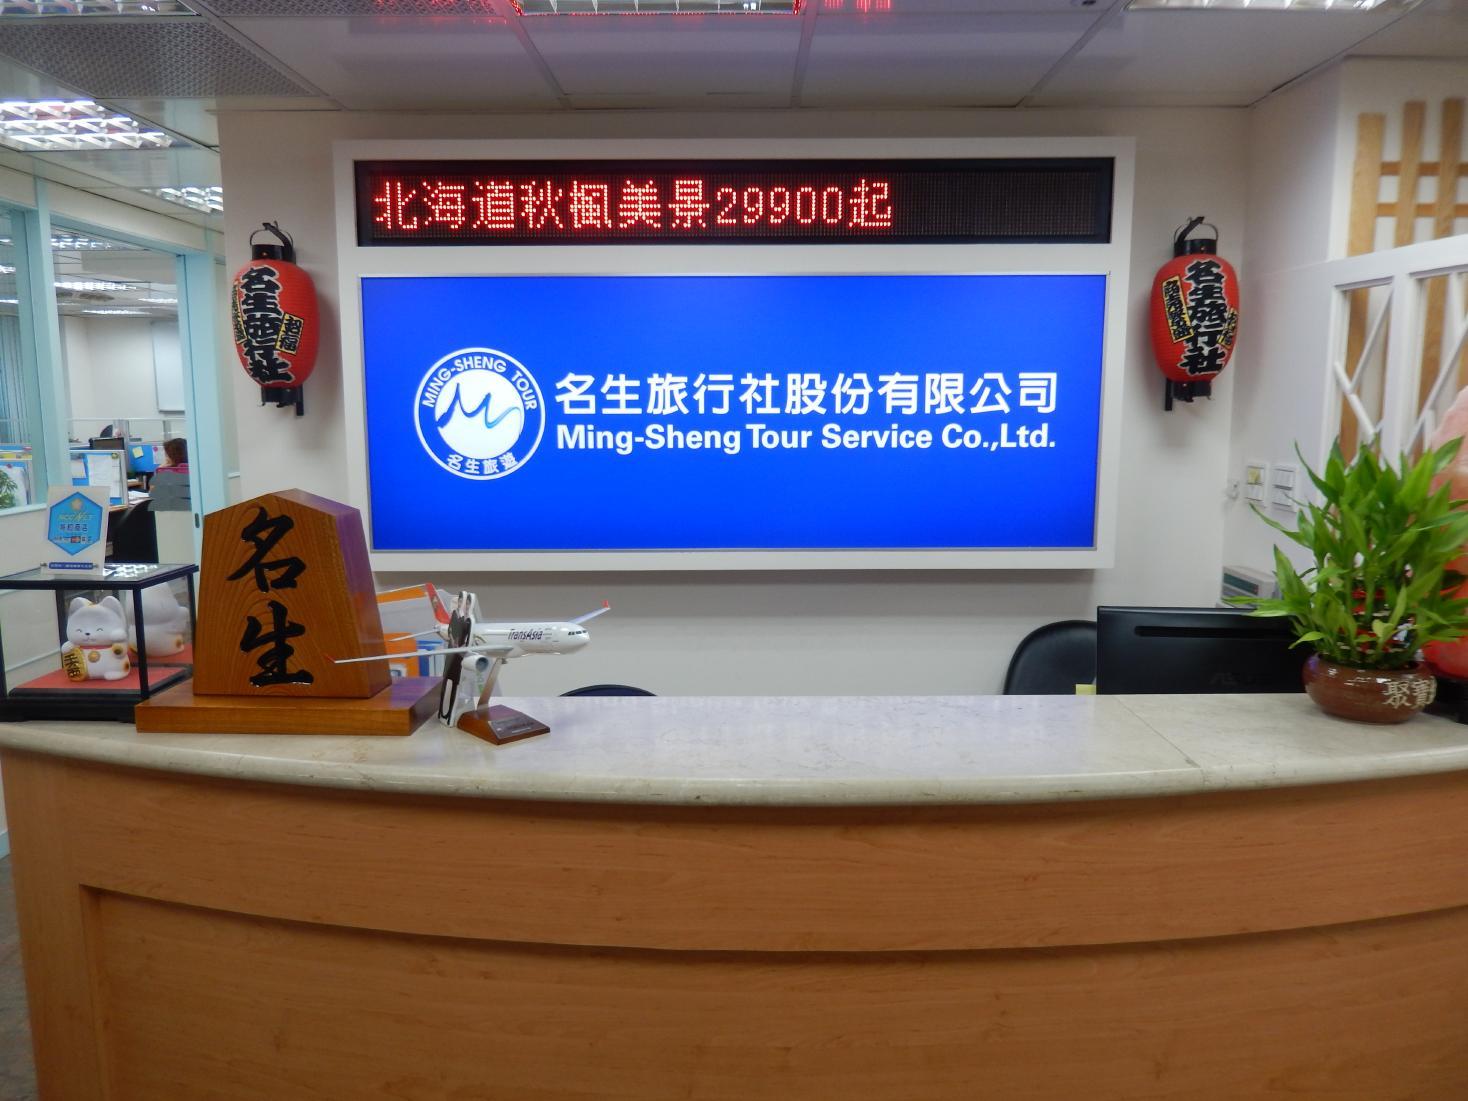 台湾発日本行き「ウルルン滞在記」ツアーはこうして生まれた(台北ITF報告その8)_b0235153_816299.jpg